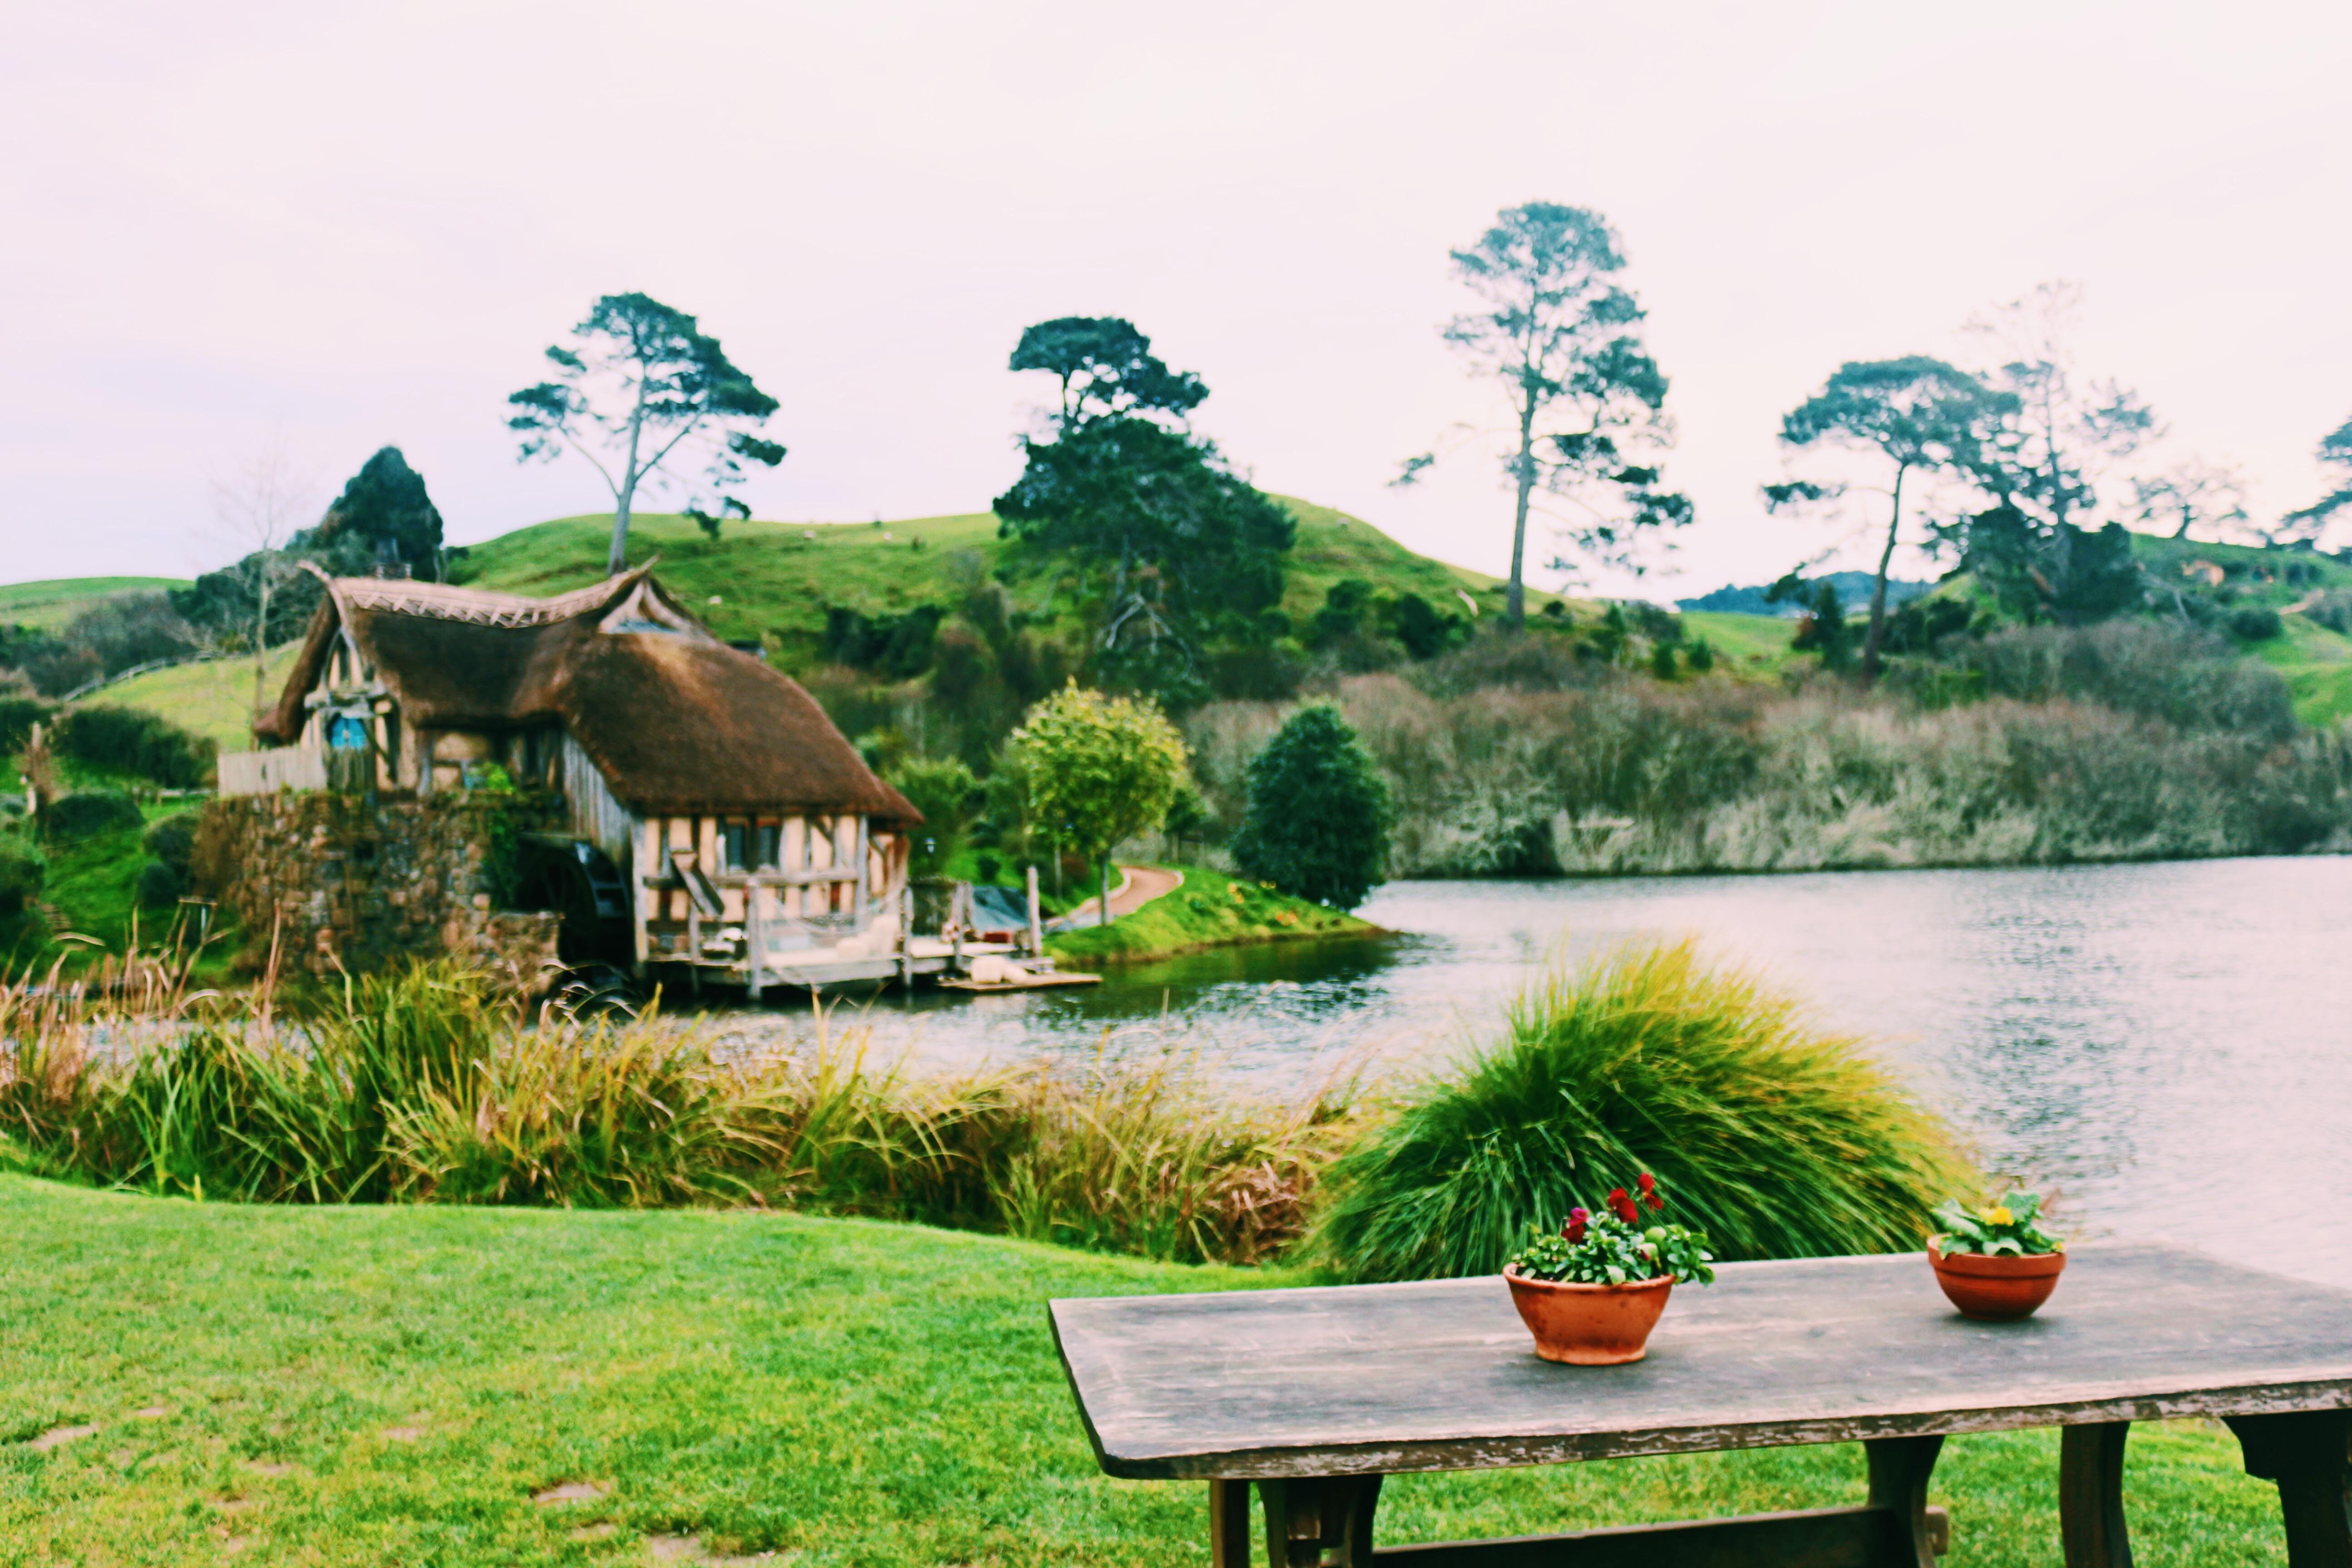 【行程分享】 紐西蘭北島6天自駕遊行程懶人包 – Hi I am Rebecca Leung :)